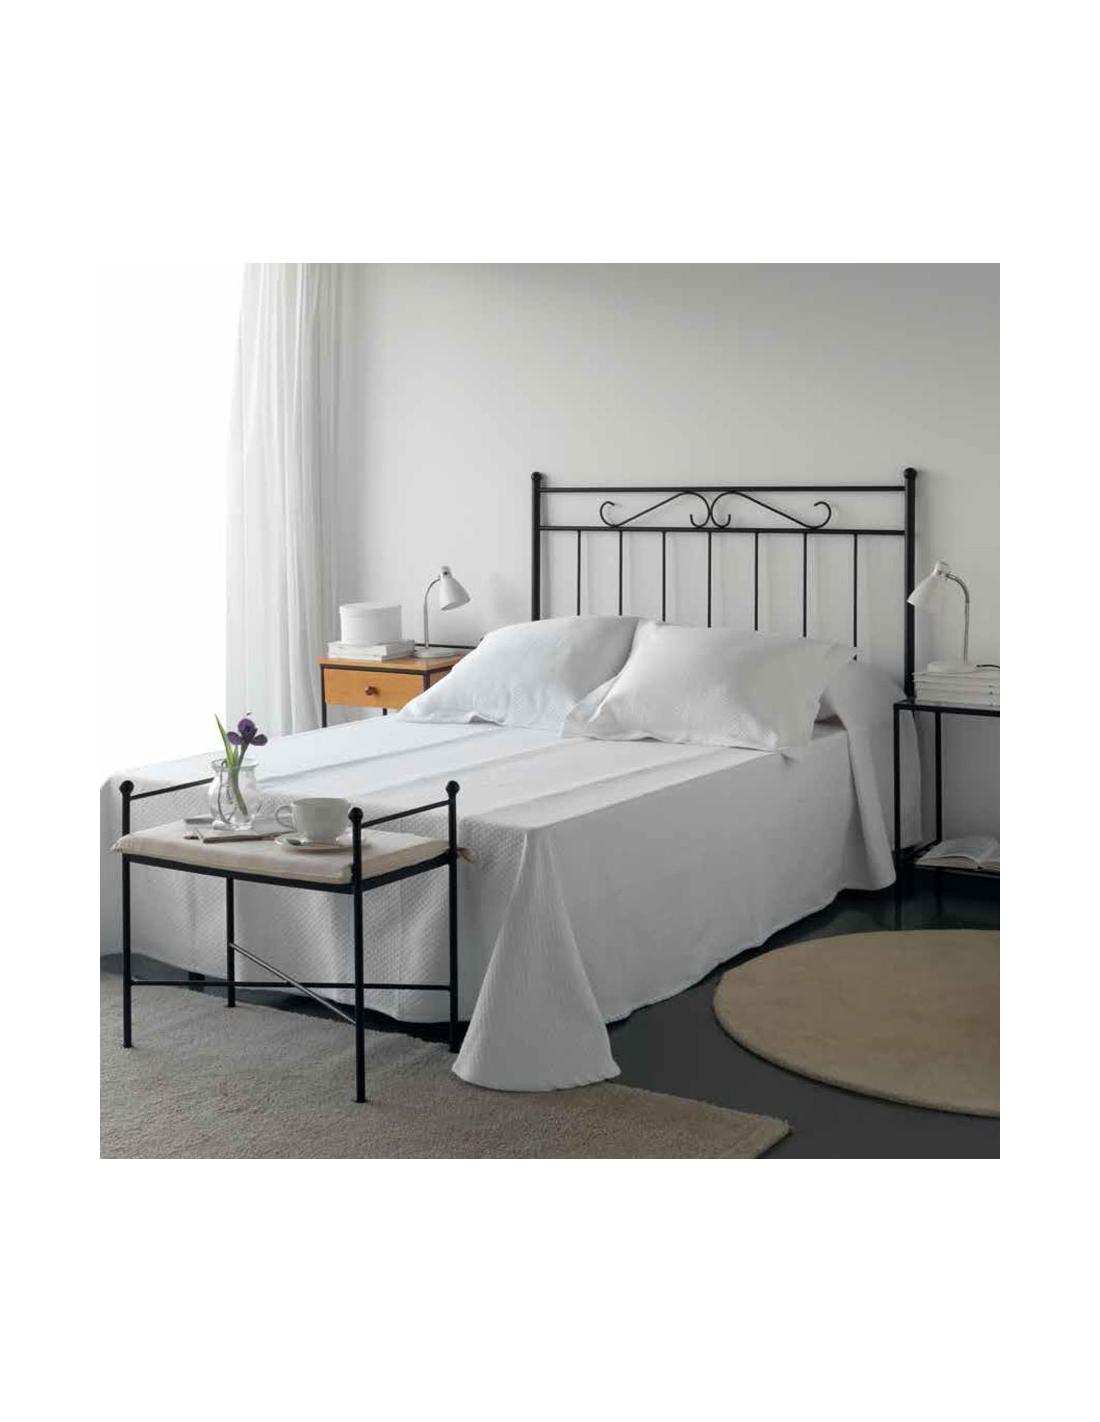 Comprar cabecero de forja original y barato para cama de 90 - Cabeceros de forja originales ...